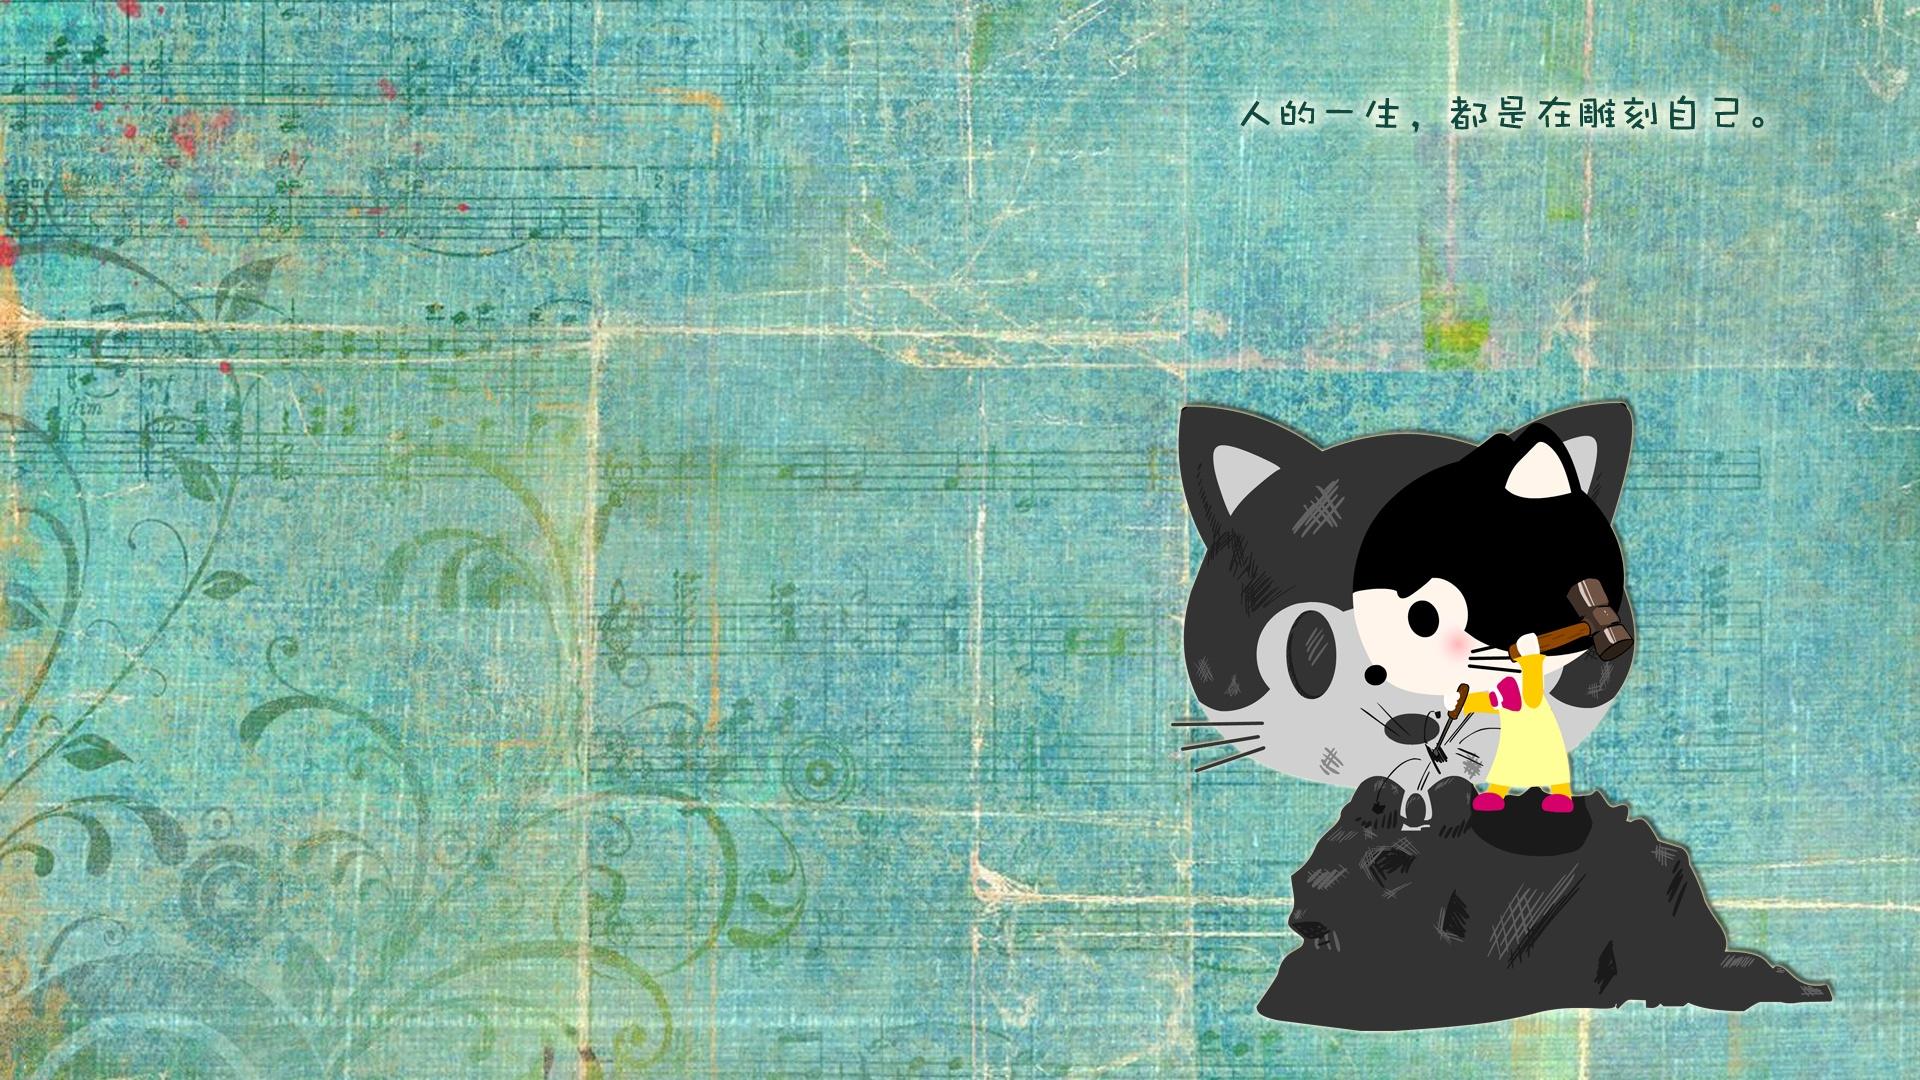 猫咪宝贝 卡通猫壁纸